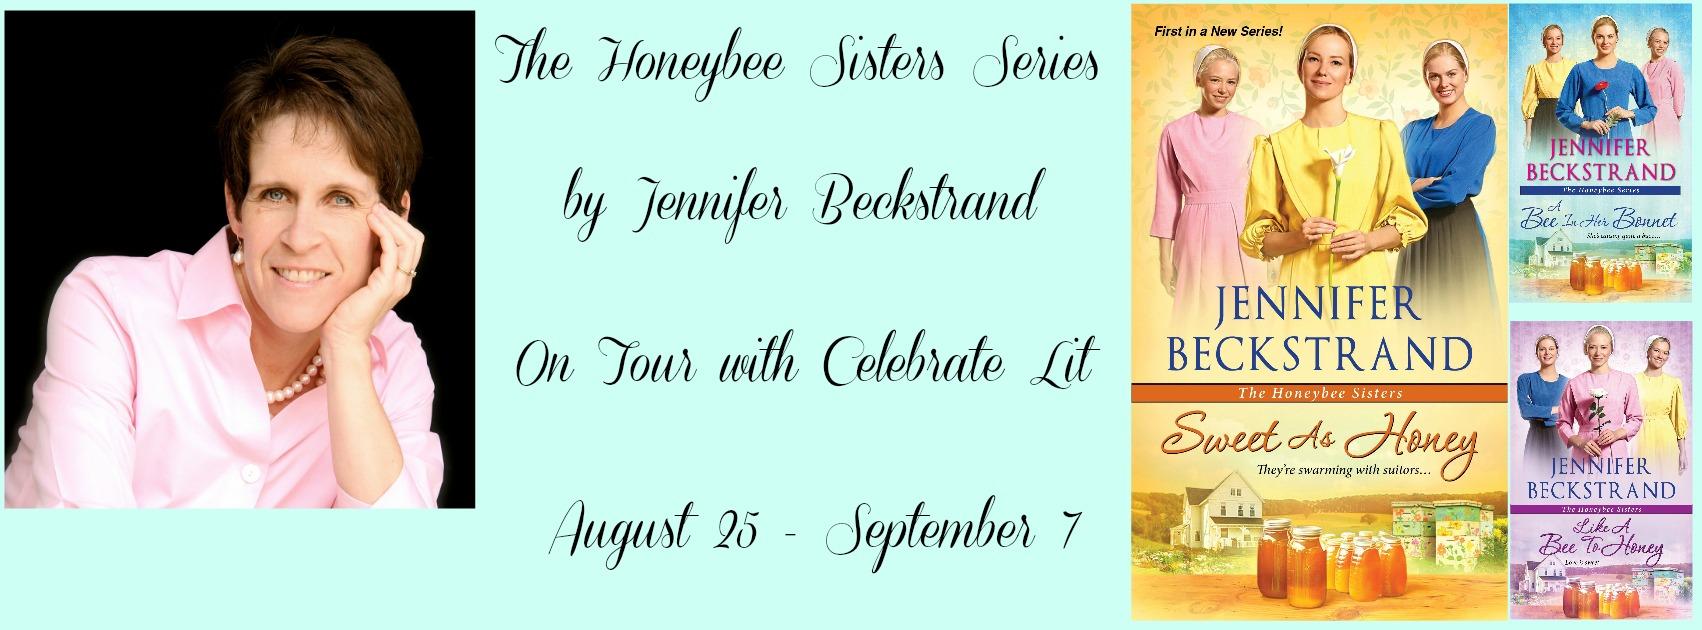 The Honeybee Sisters Series Banner